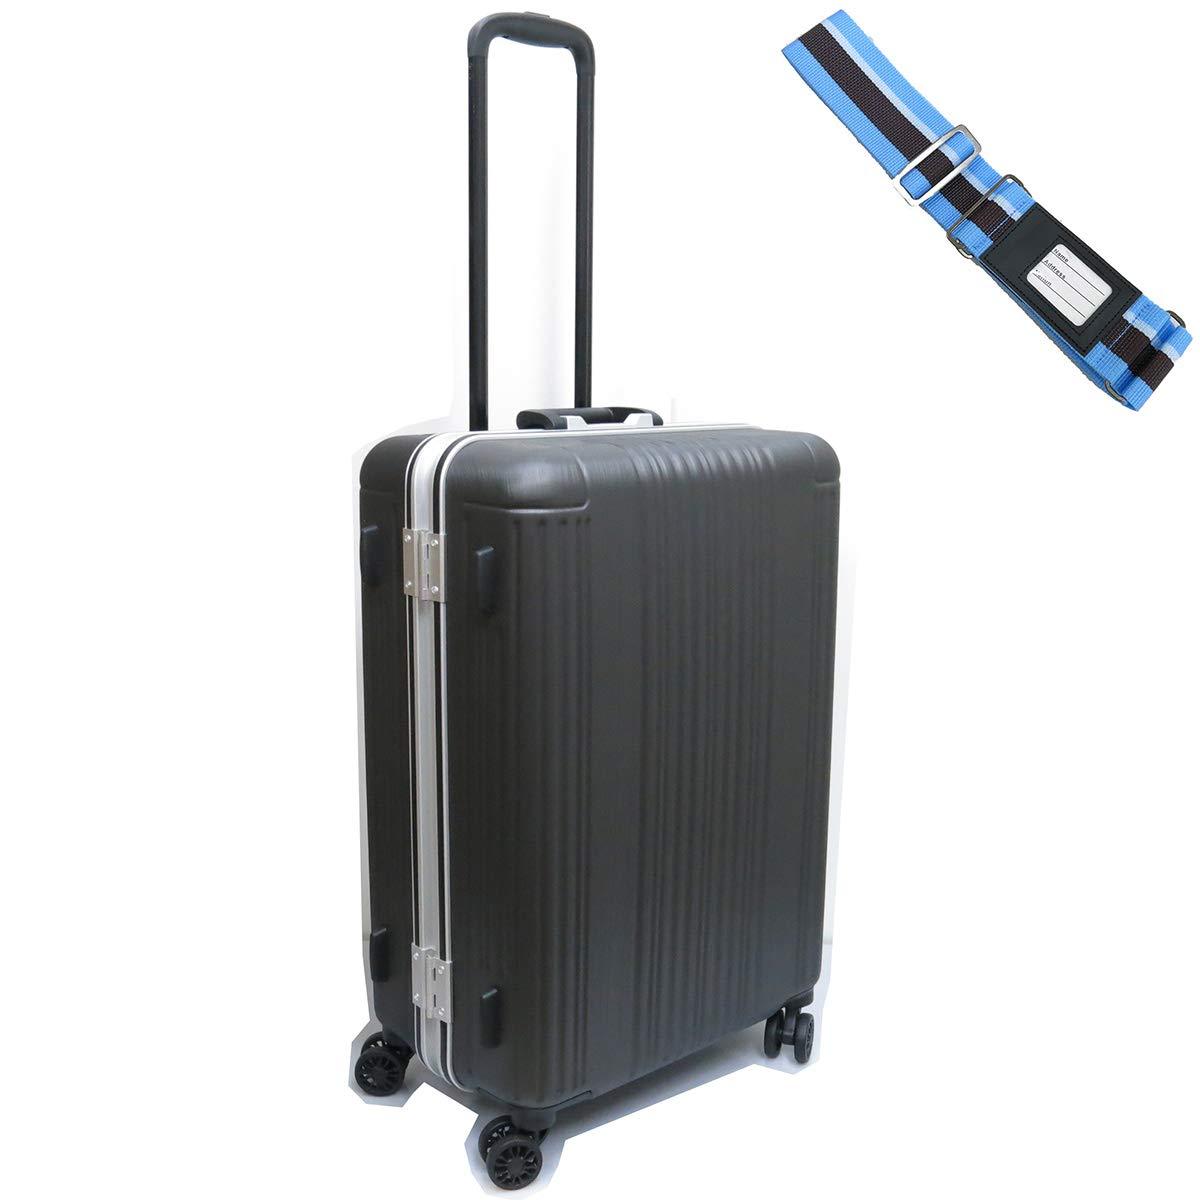 [セット品] (シフレ) Siffler SIF1065-M (58) 60L 受託手荷物無料サイズ スーツケースベルト 【合計2点セット】 B07JDDTP9P ヘアラインガンメタリック ヘアラインガンメタリック